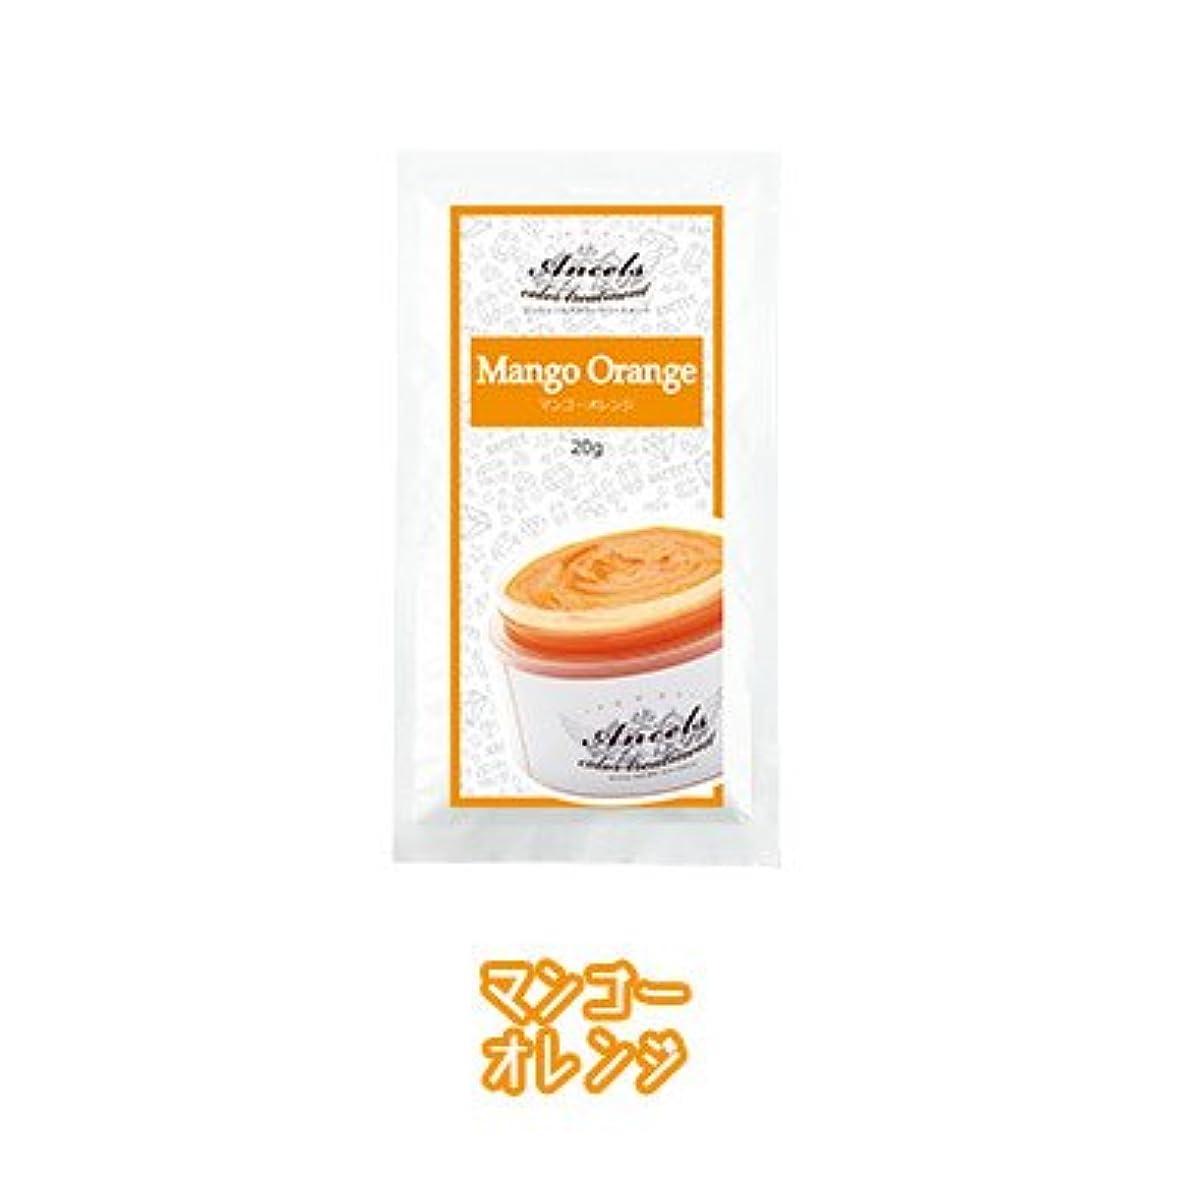 スナッチ外交官比類なきエンシェールズ カラートリートメントバター プチ(お試しサイズ) マンゴーオレンジ 20g